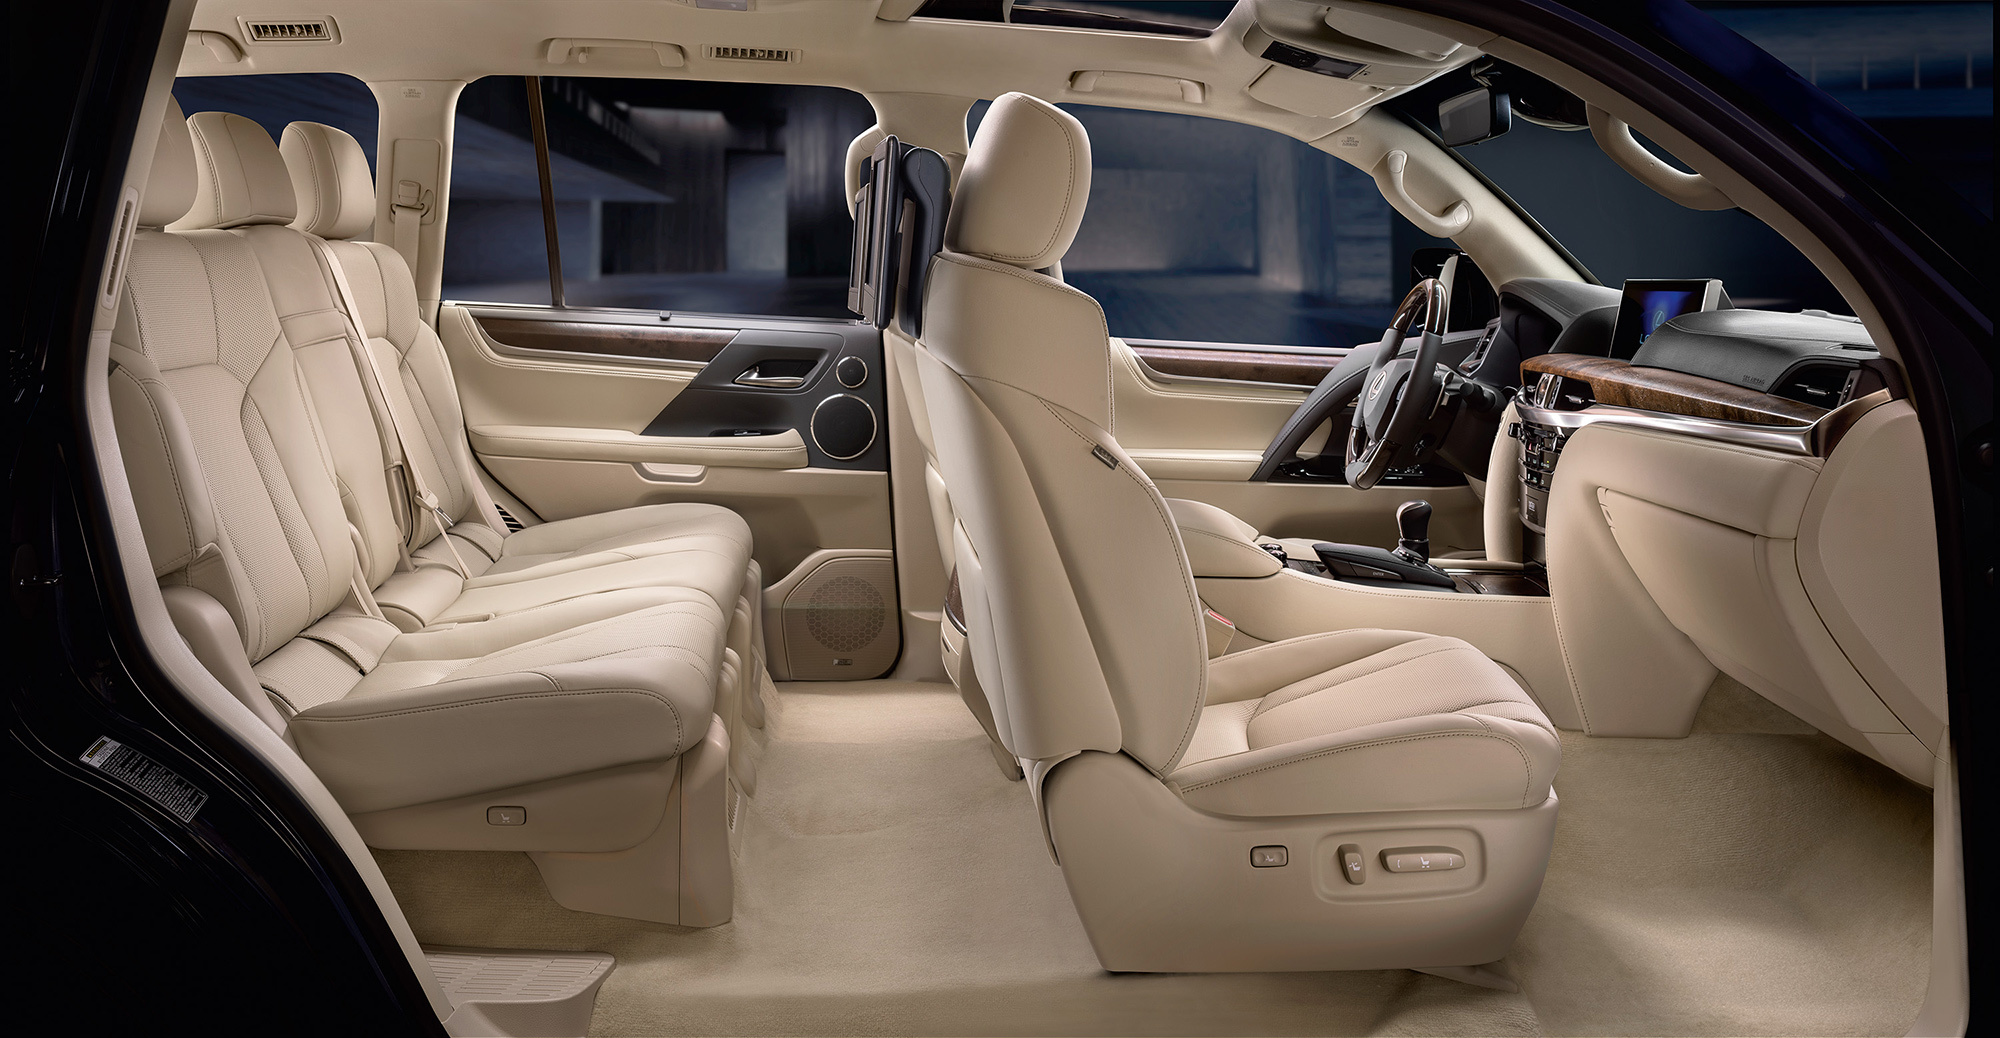 Land Rover Range Rover >> Третье обновление принесло внедорожнику Lexus LX дизель — ДРАЙВ